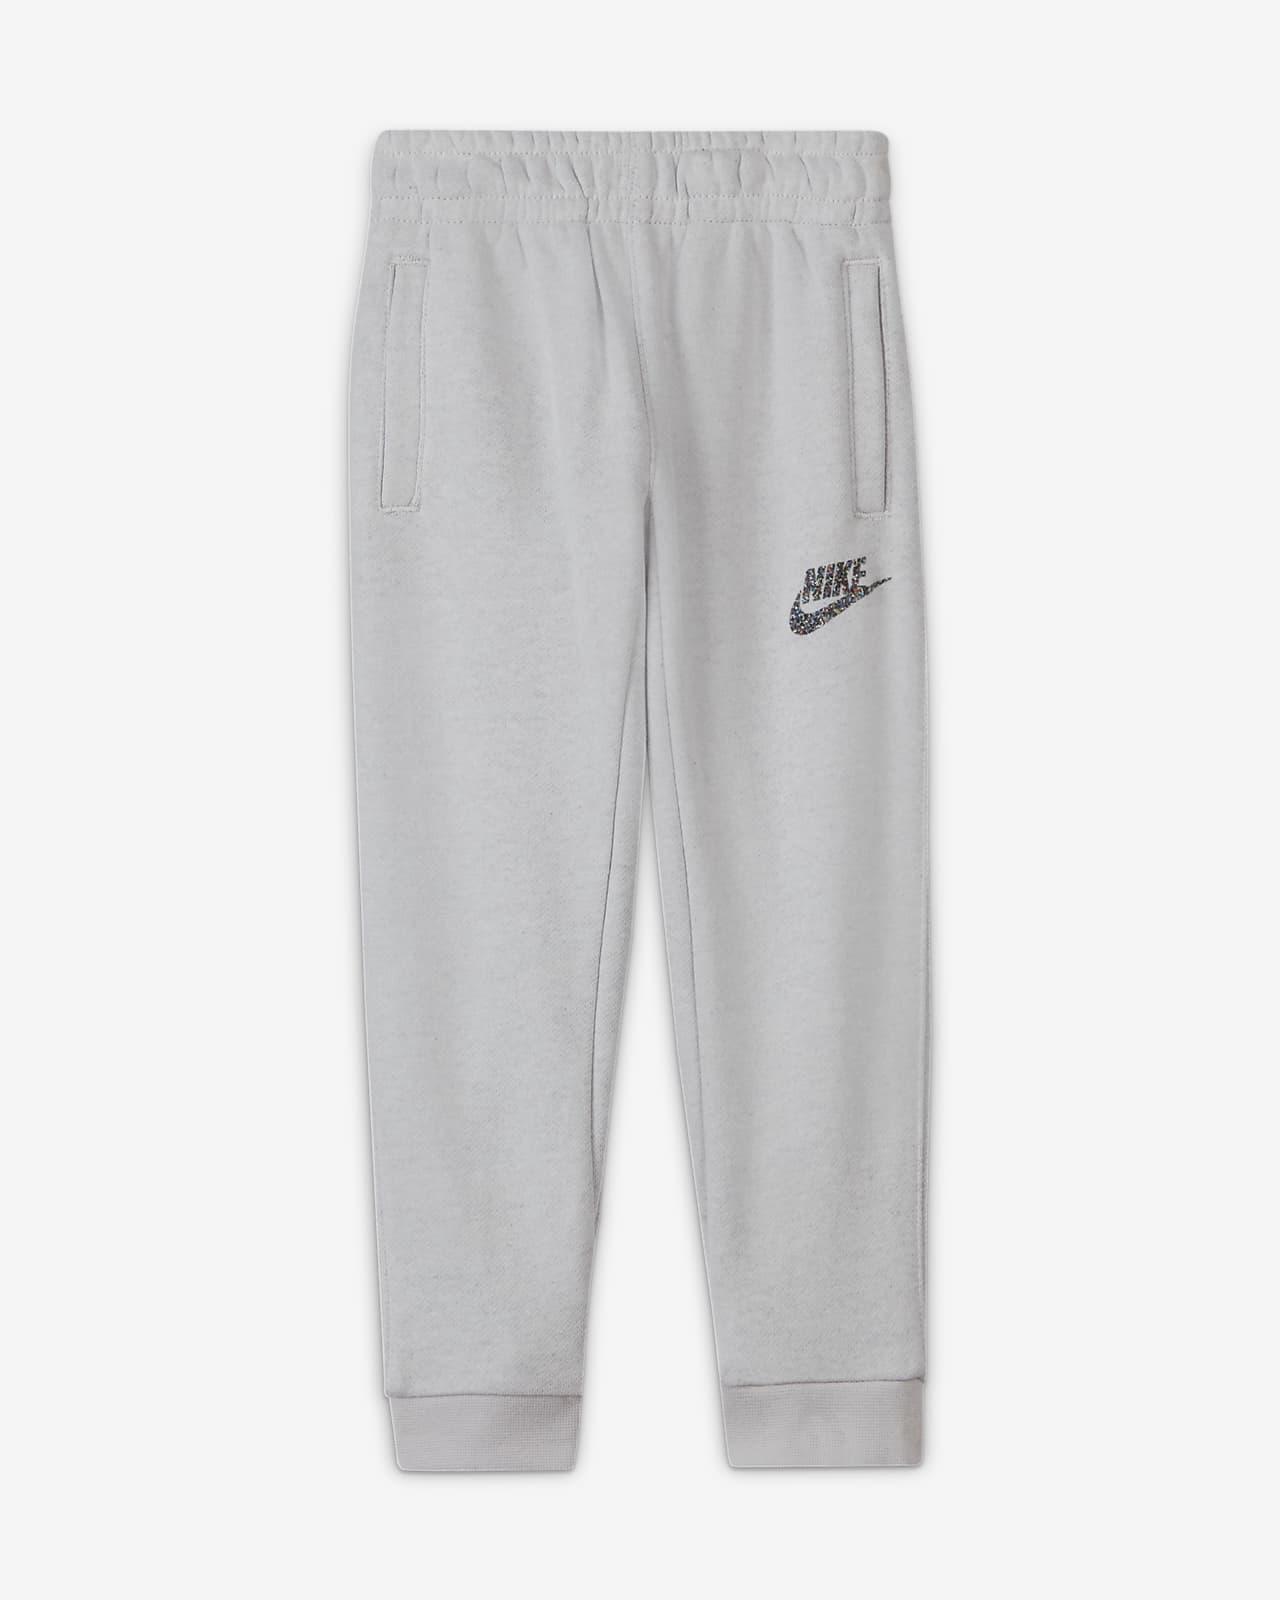 Nike-bukser til småbørn